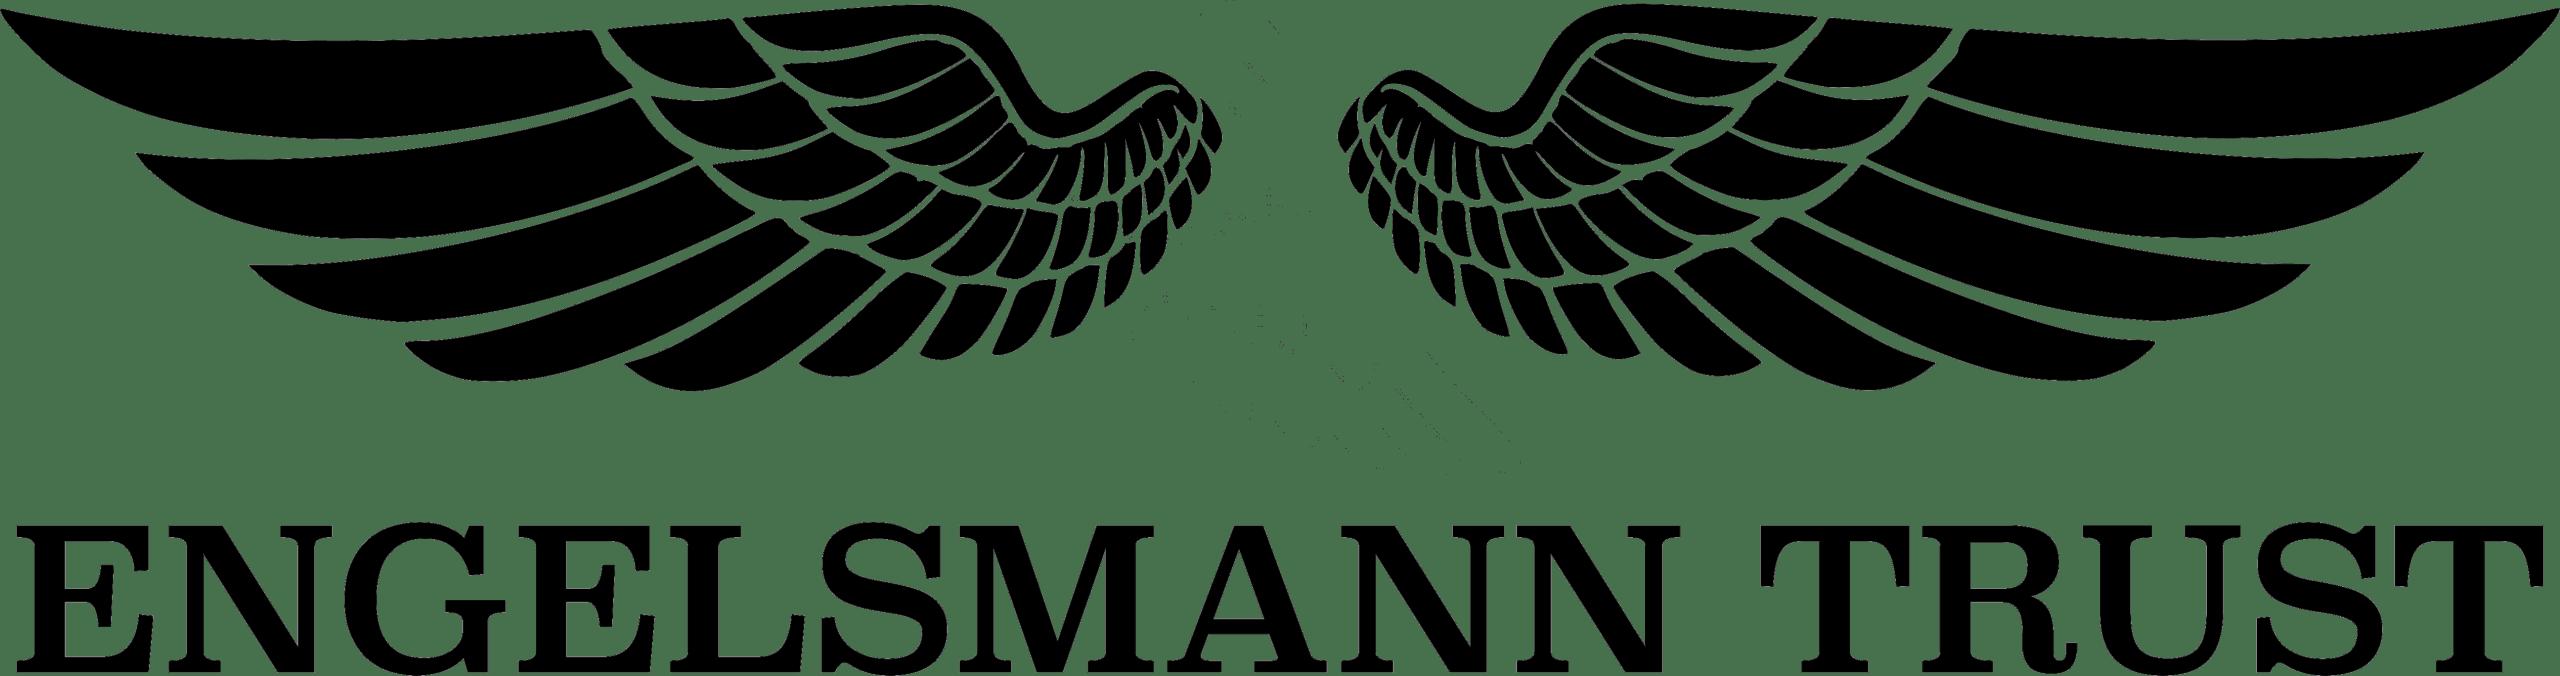 engelsmann-trust.com